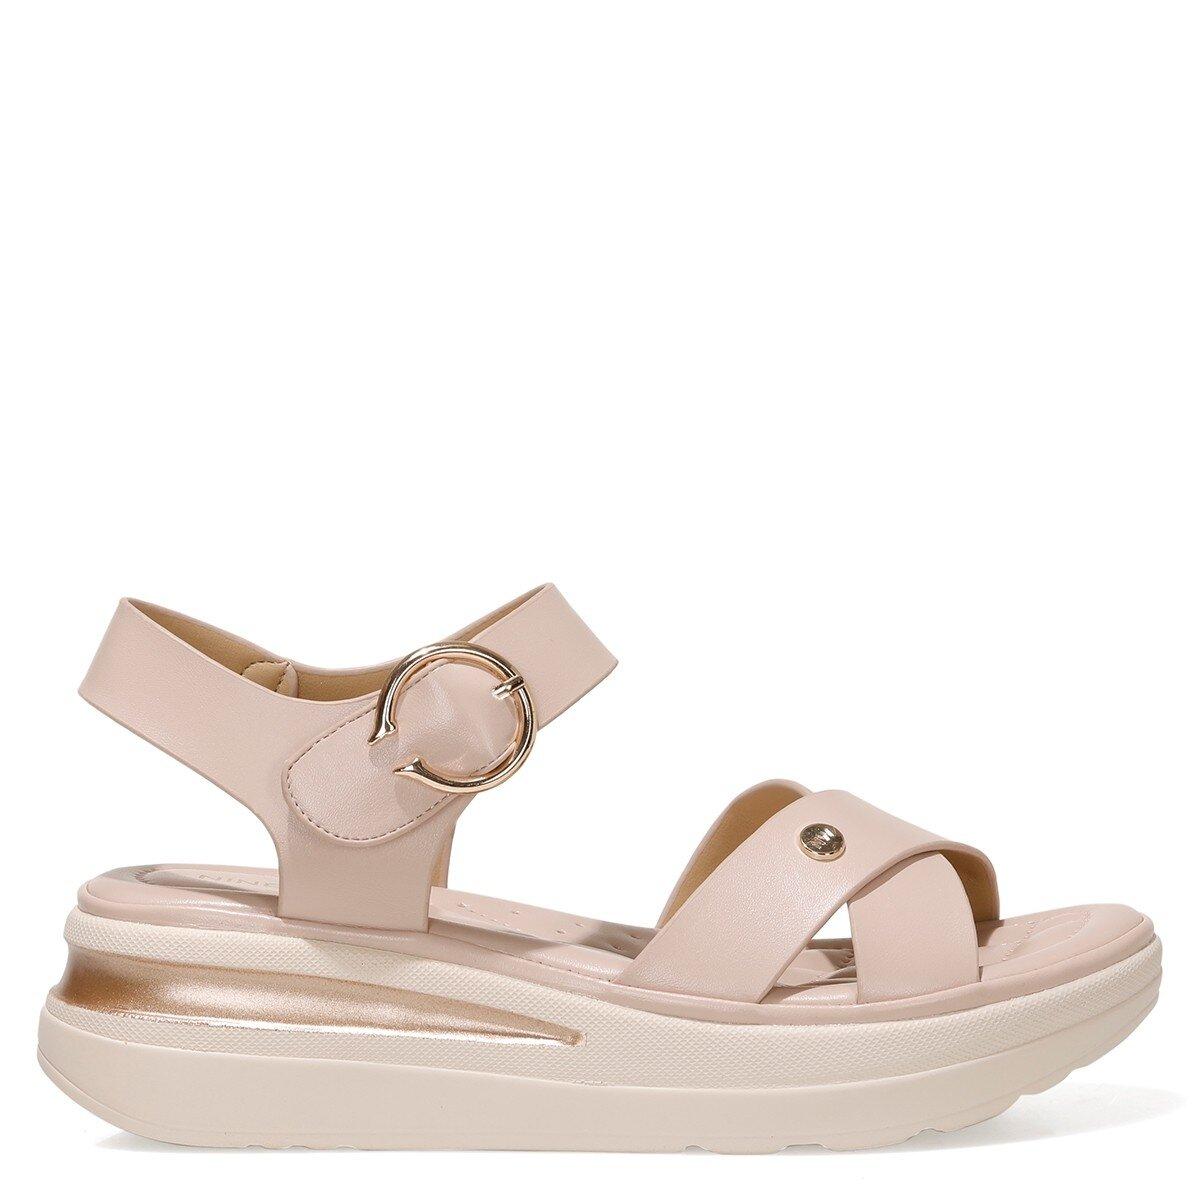 DANNA 1FX Pudra Kadın Sandalet